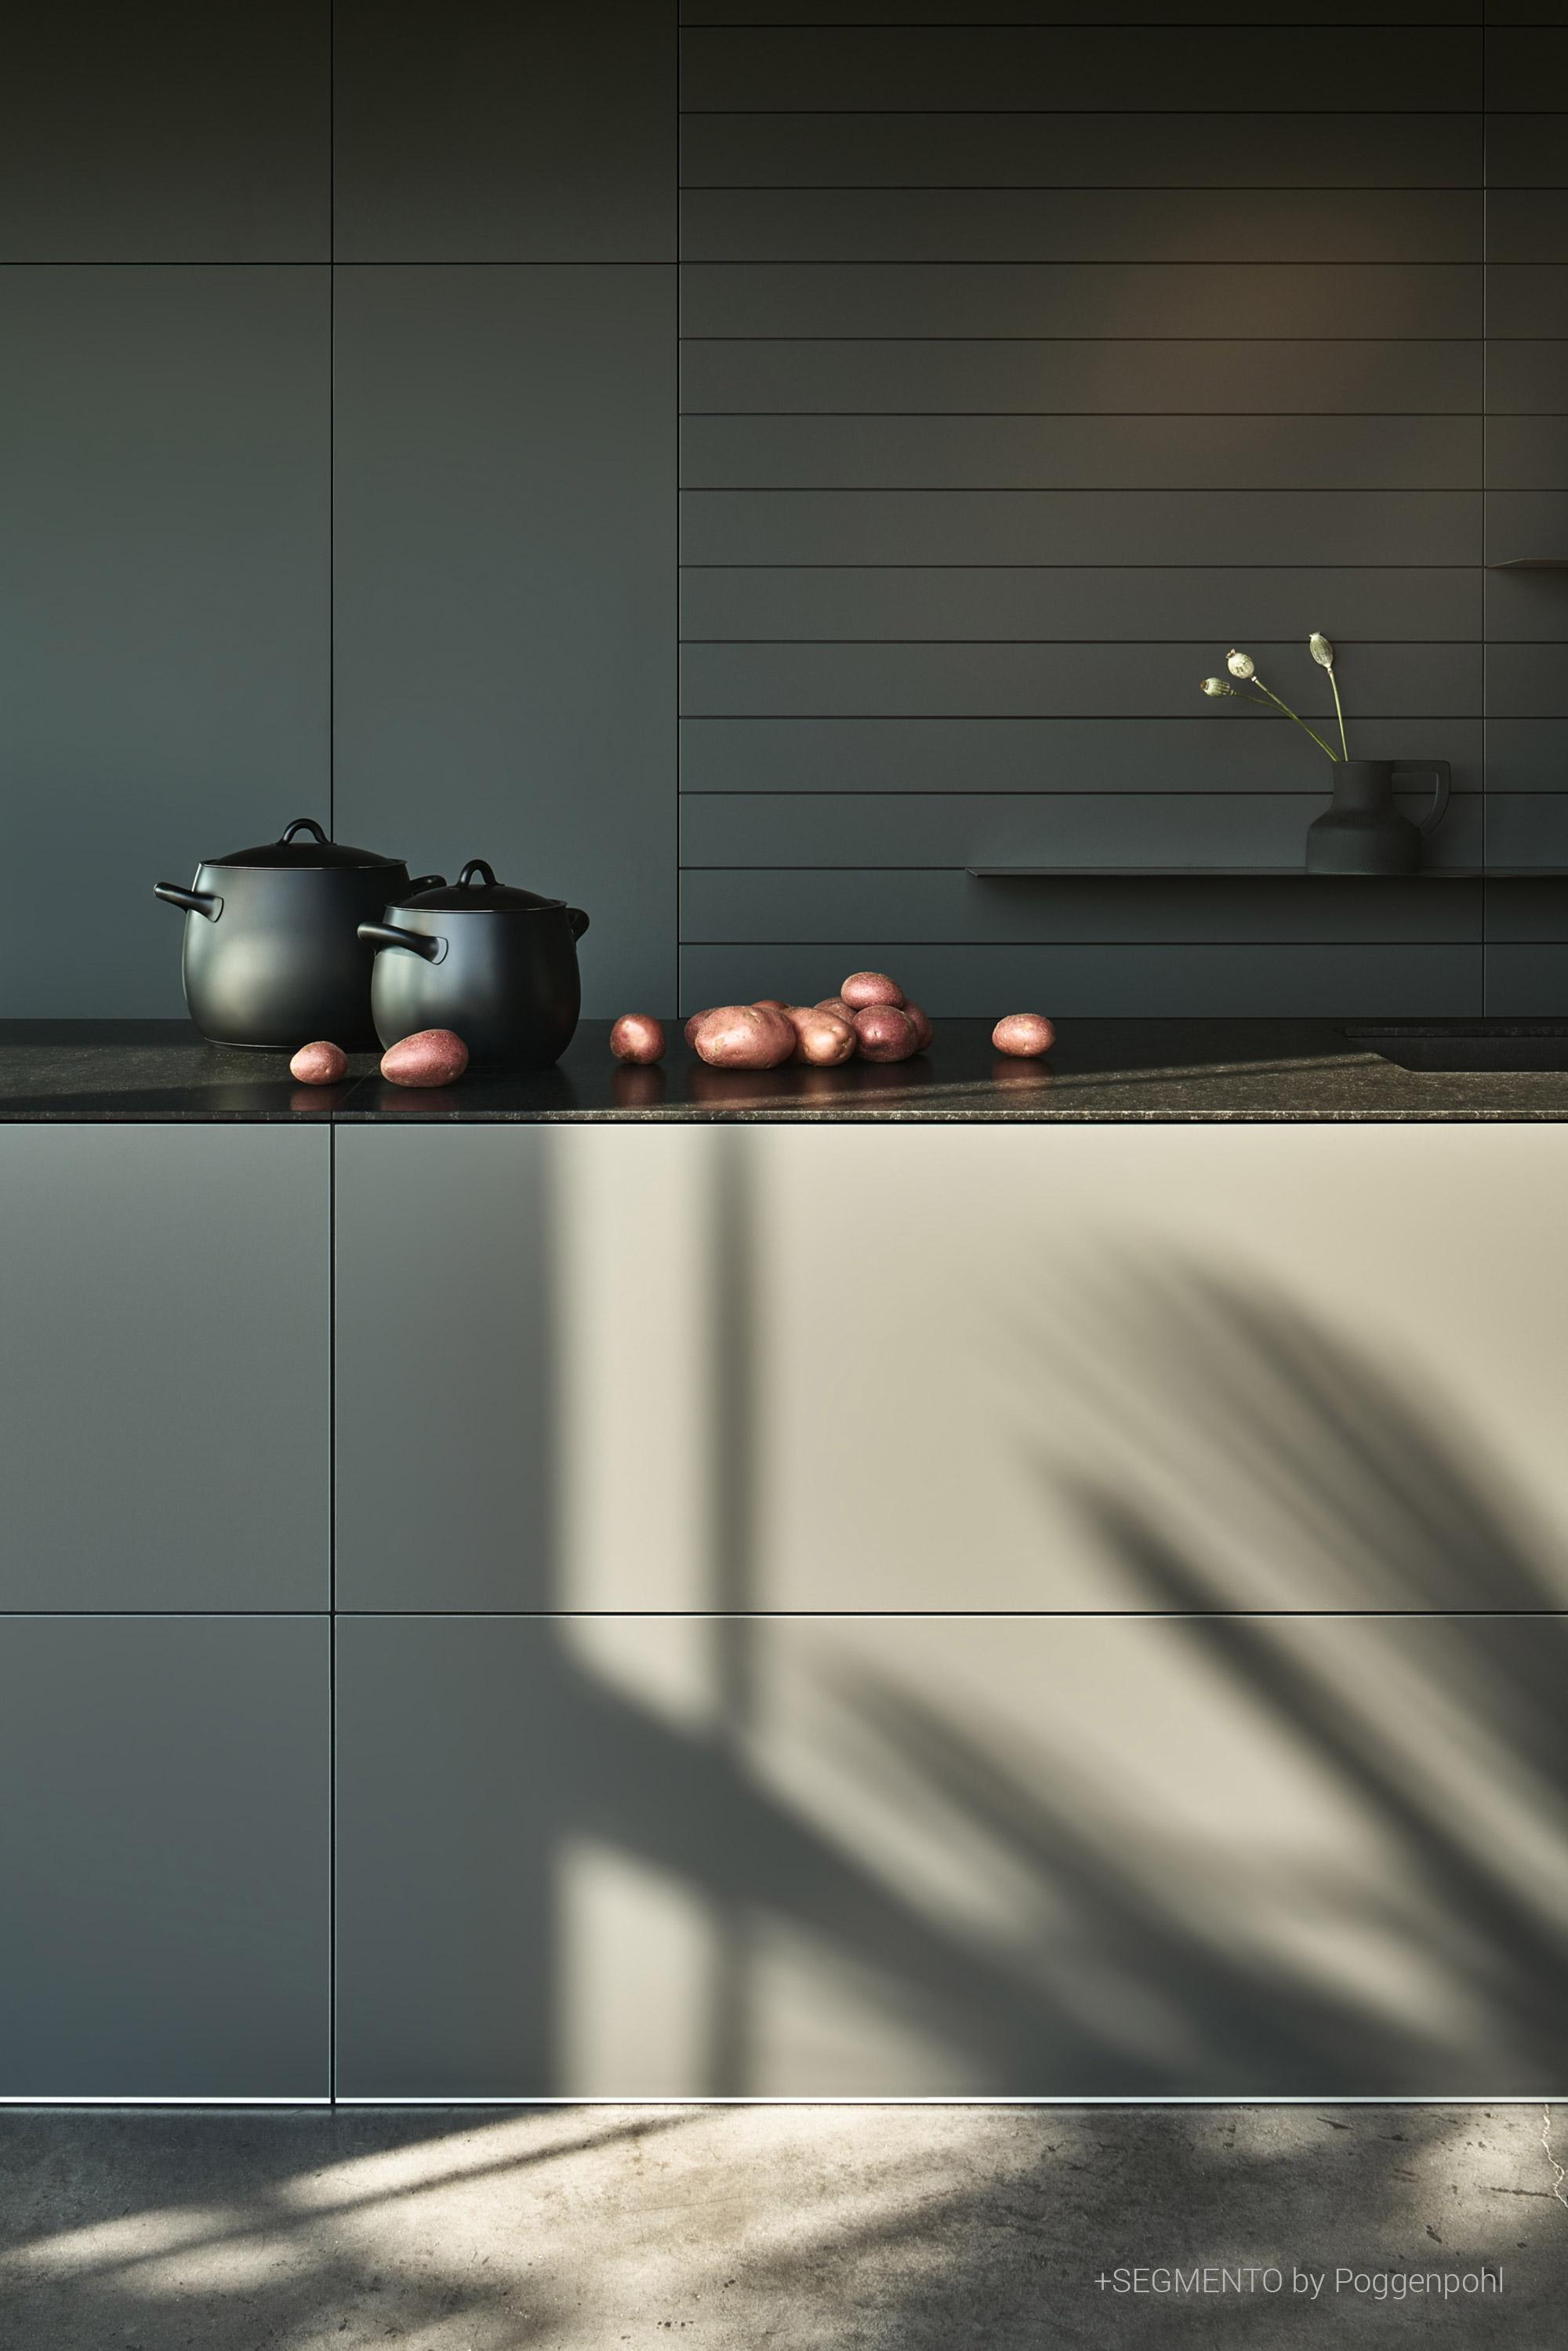 Poggenpohl +Segmento kitchen detail